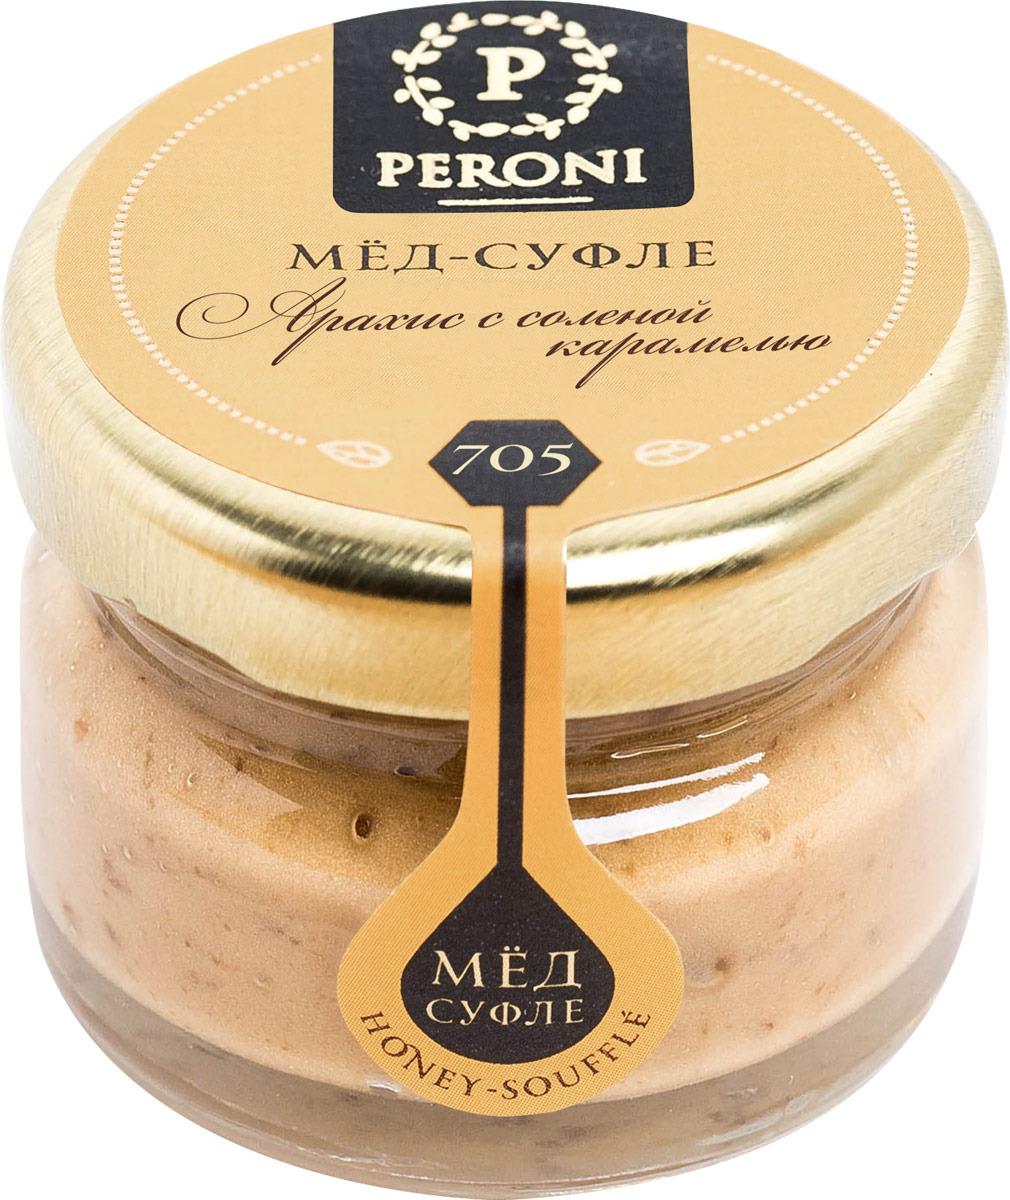 Мед-суфле Peroni Honey соленая карамель, 30 г peroni космополитен с клюквой мед суфле 270 г